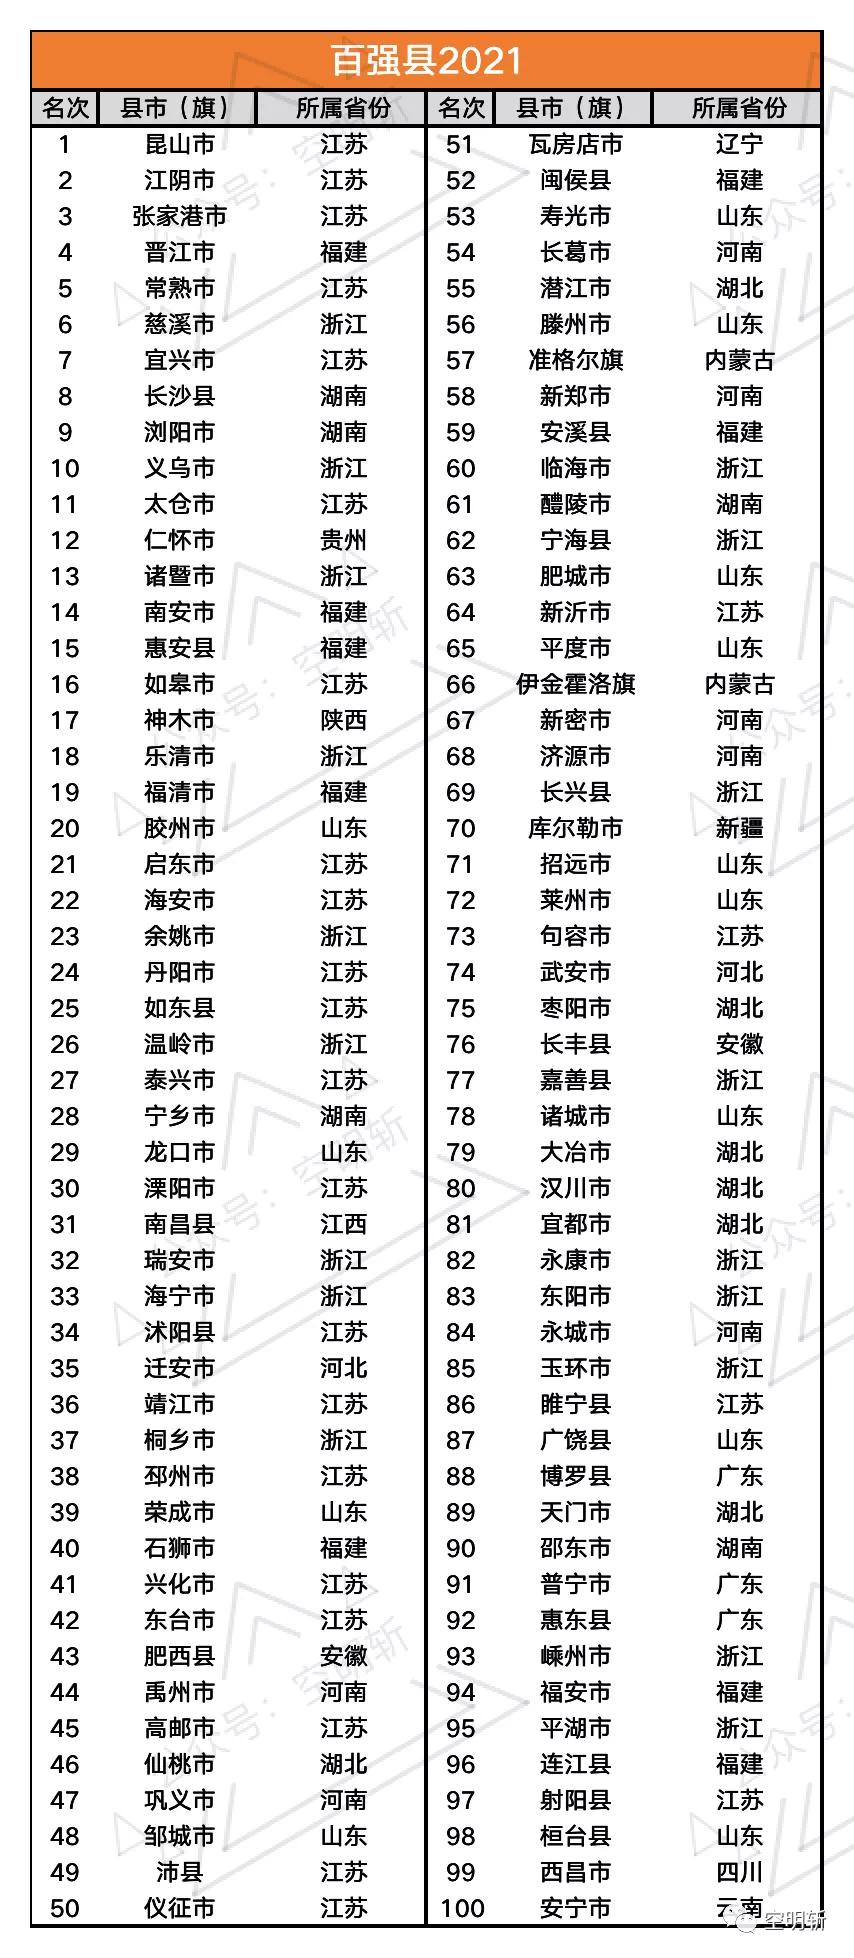 2021百强县出炉,有没有你的家乡?